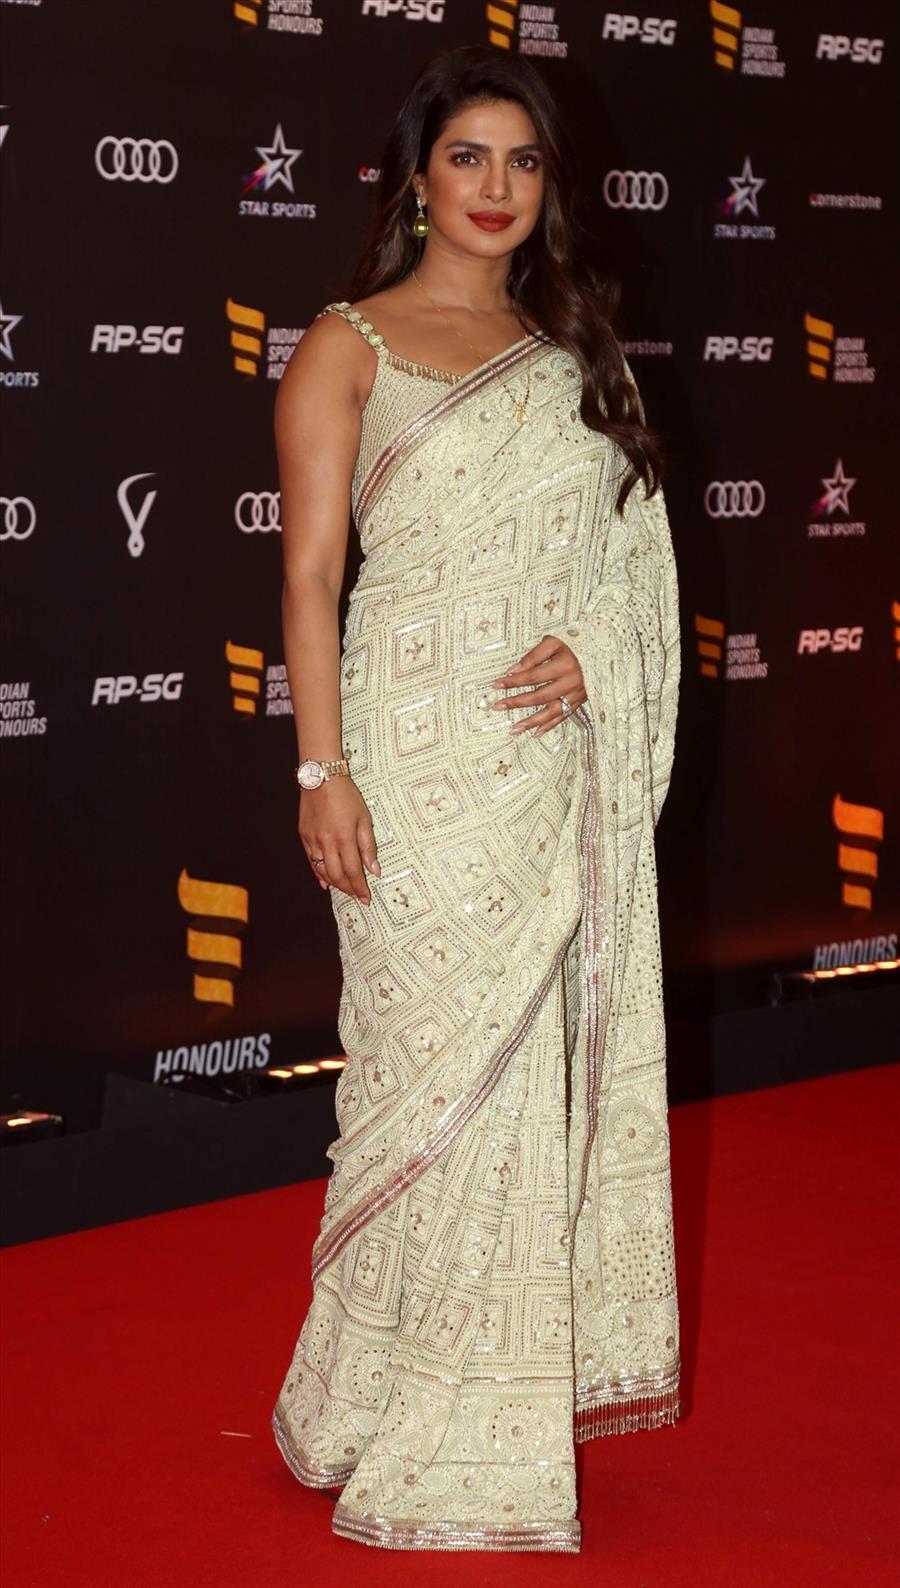 Indian Model Priyanka Chopra In Traditional White Saree